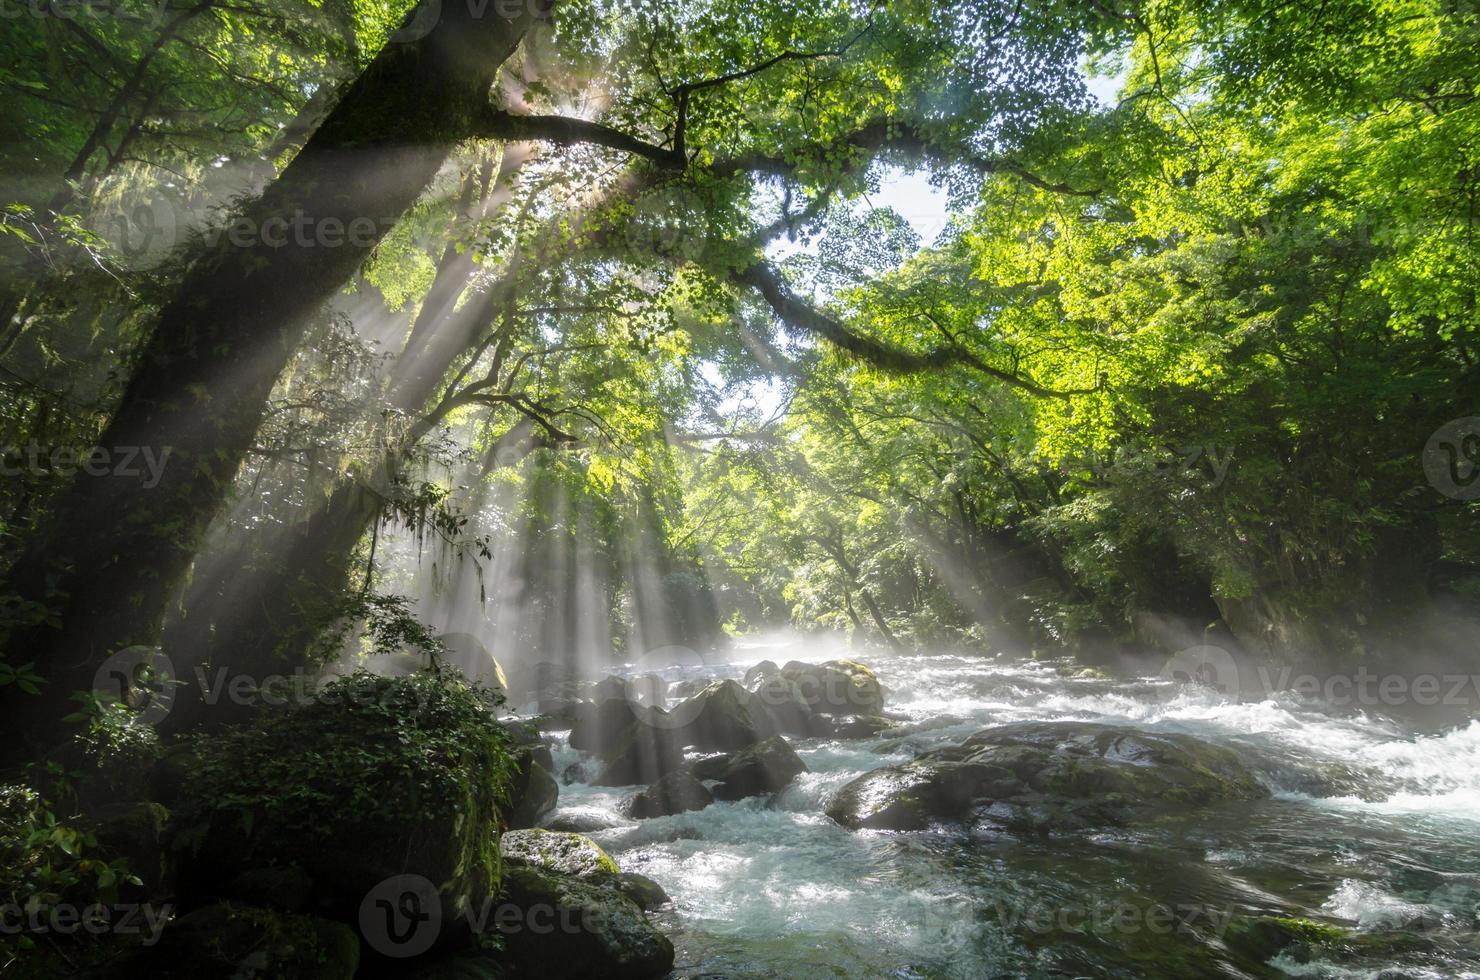 burrone e raggi di sole che brillano tra i rami degli alberi foto